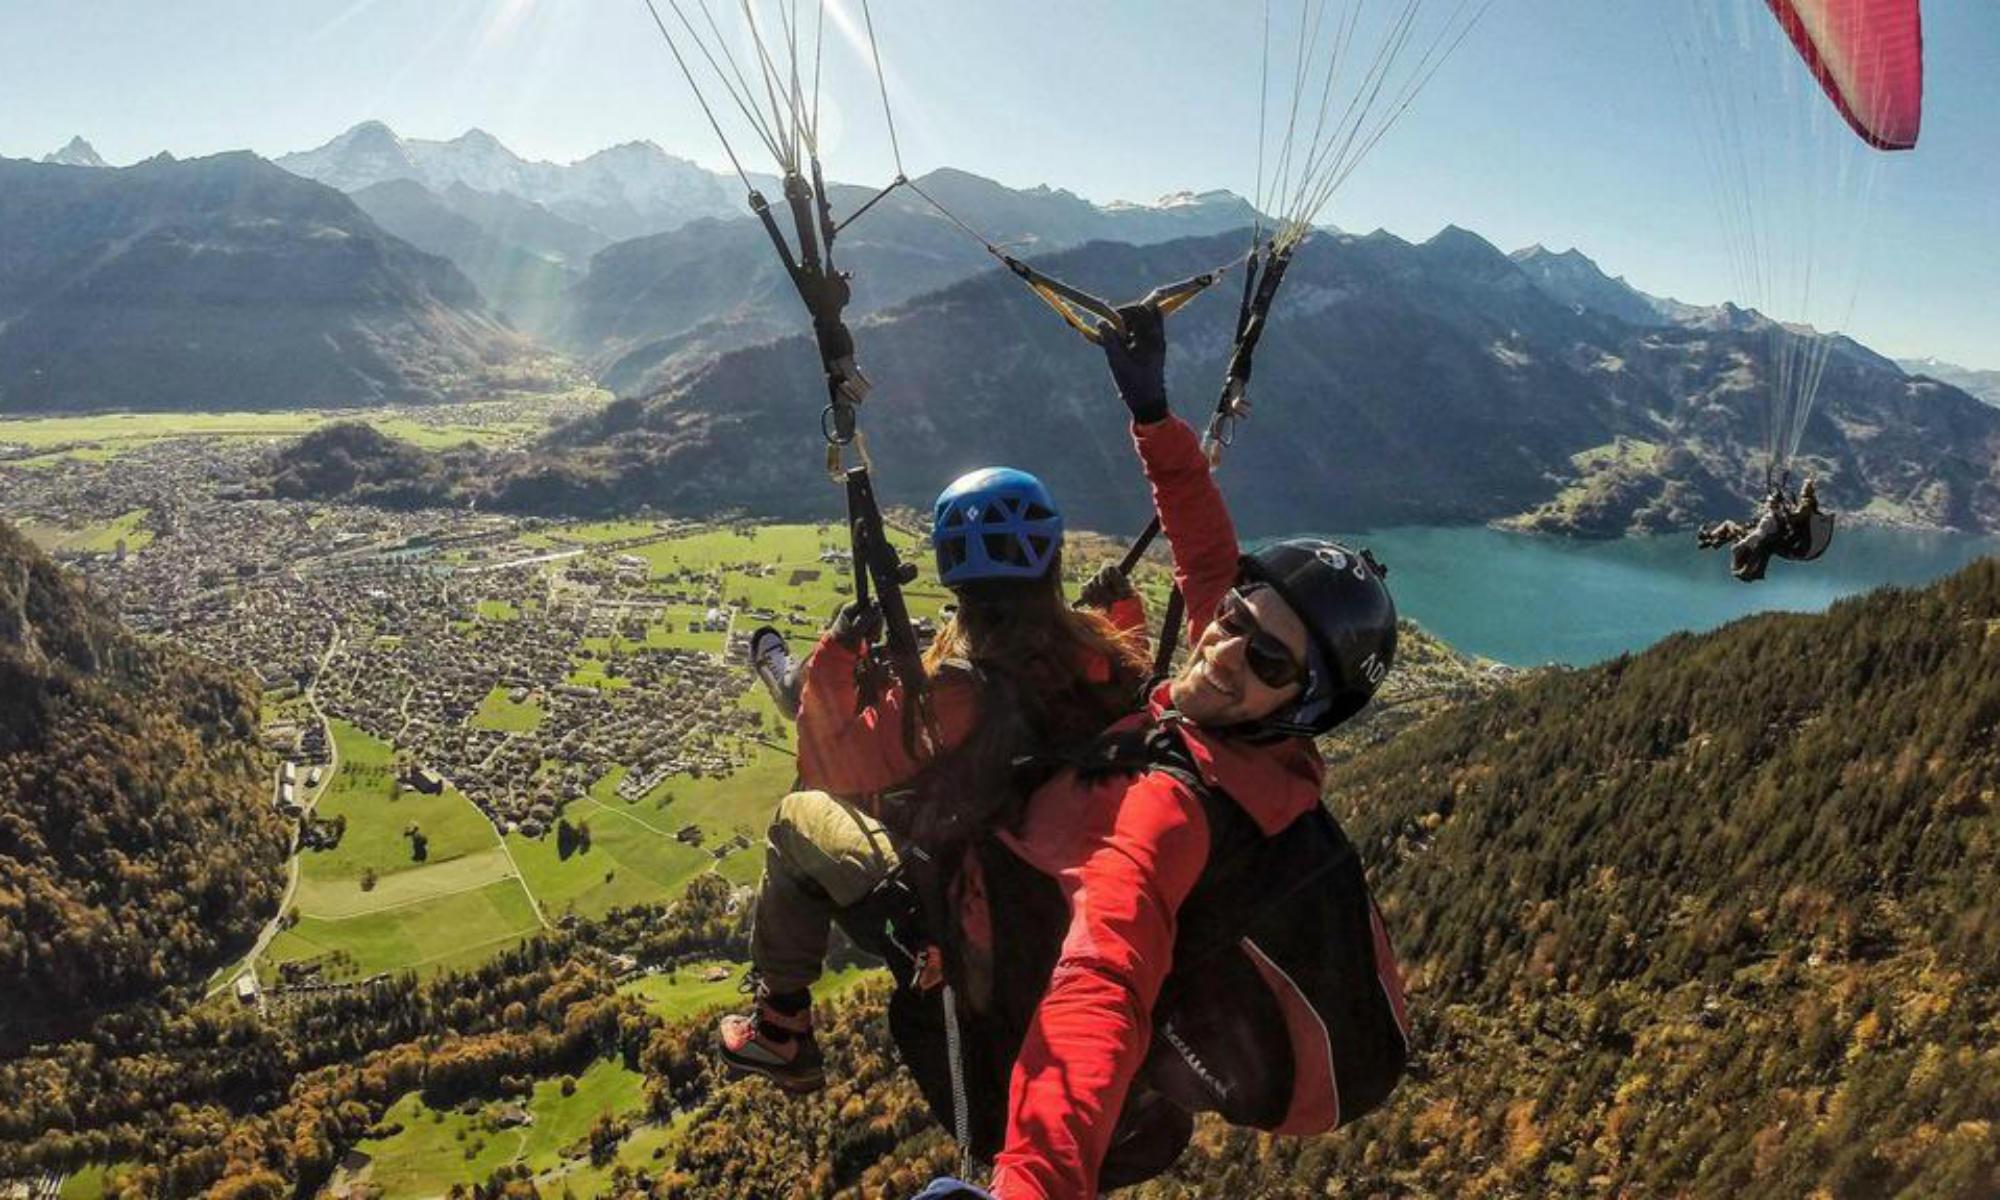 4 Paraglider fliegen vor dem Panorama der Berge und Seen in Interlaken.